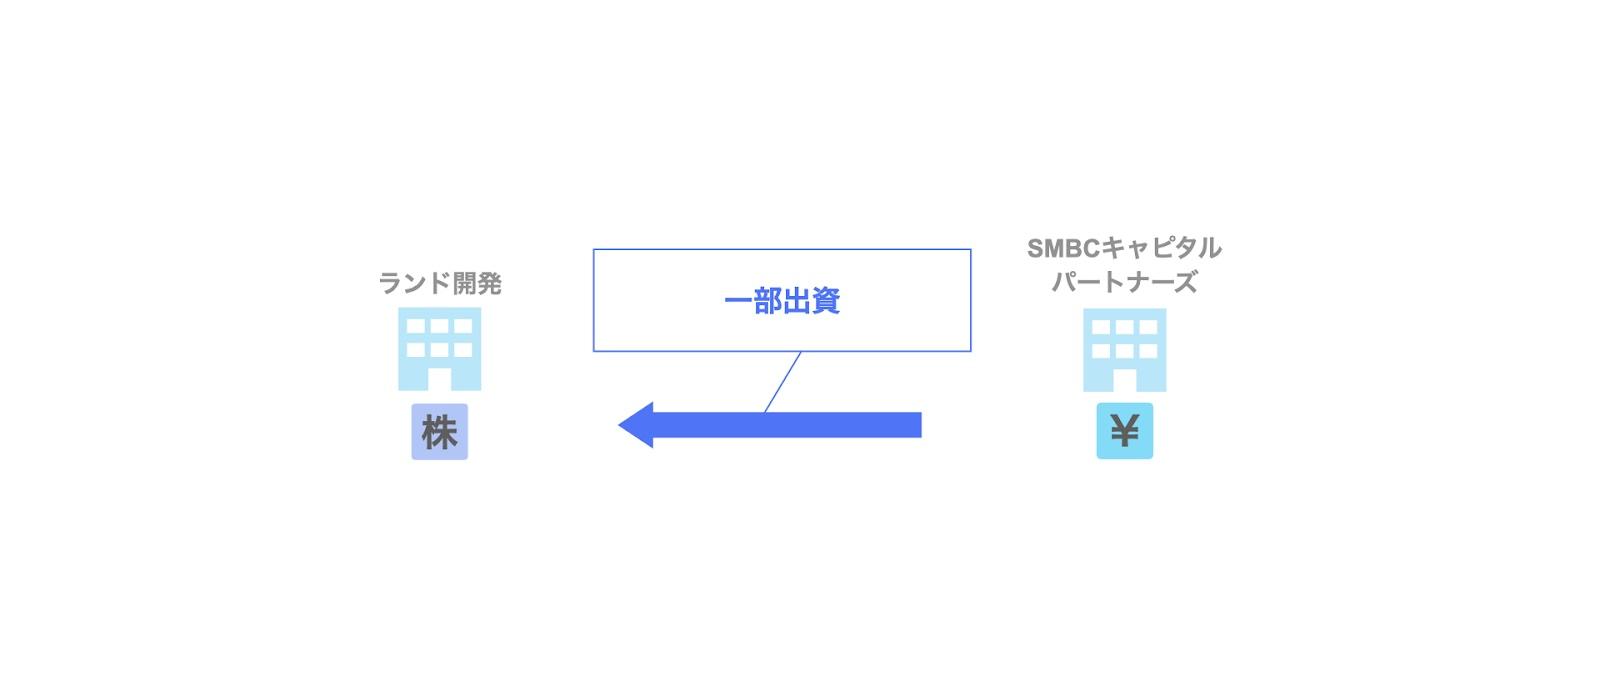 SMBCキャピタルパートナーズによるランド開発への投資案件(一部出資)